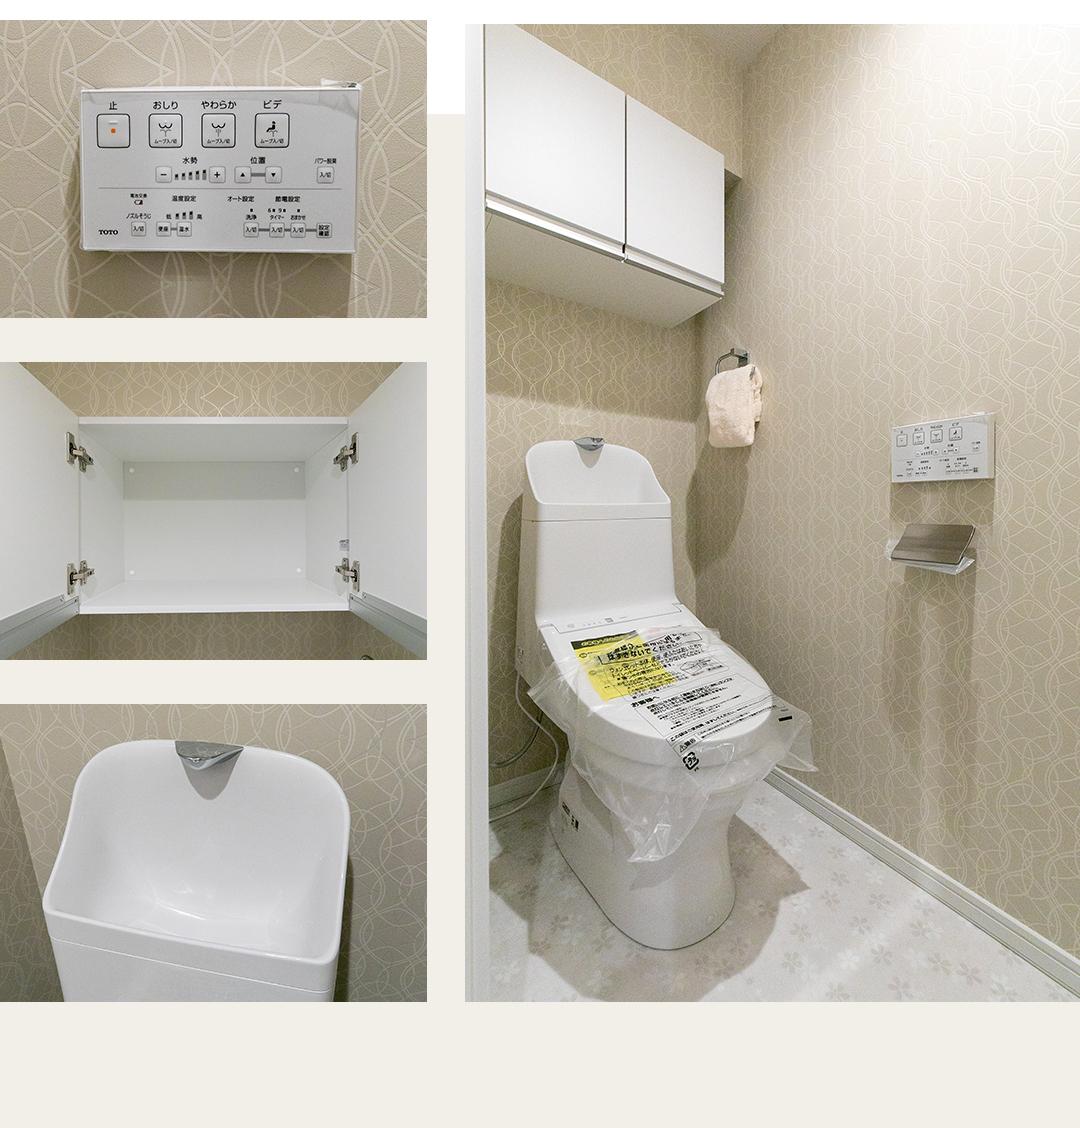 セザール御殿山 107のトイレ